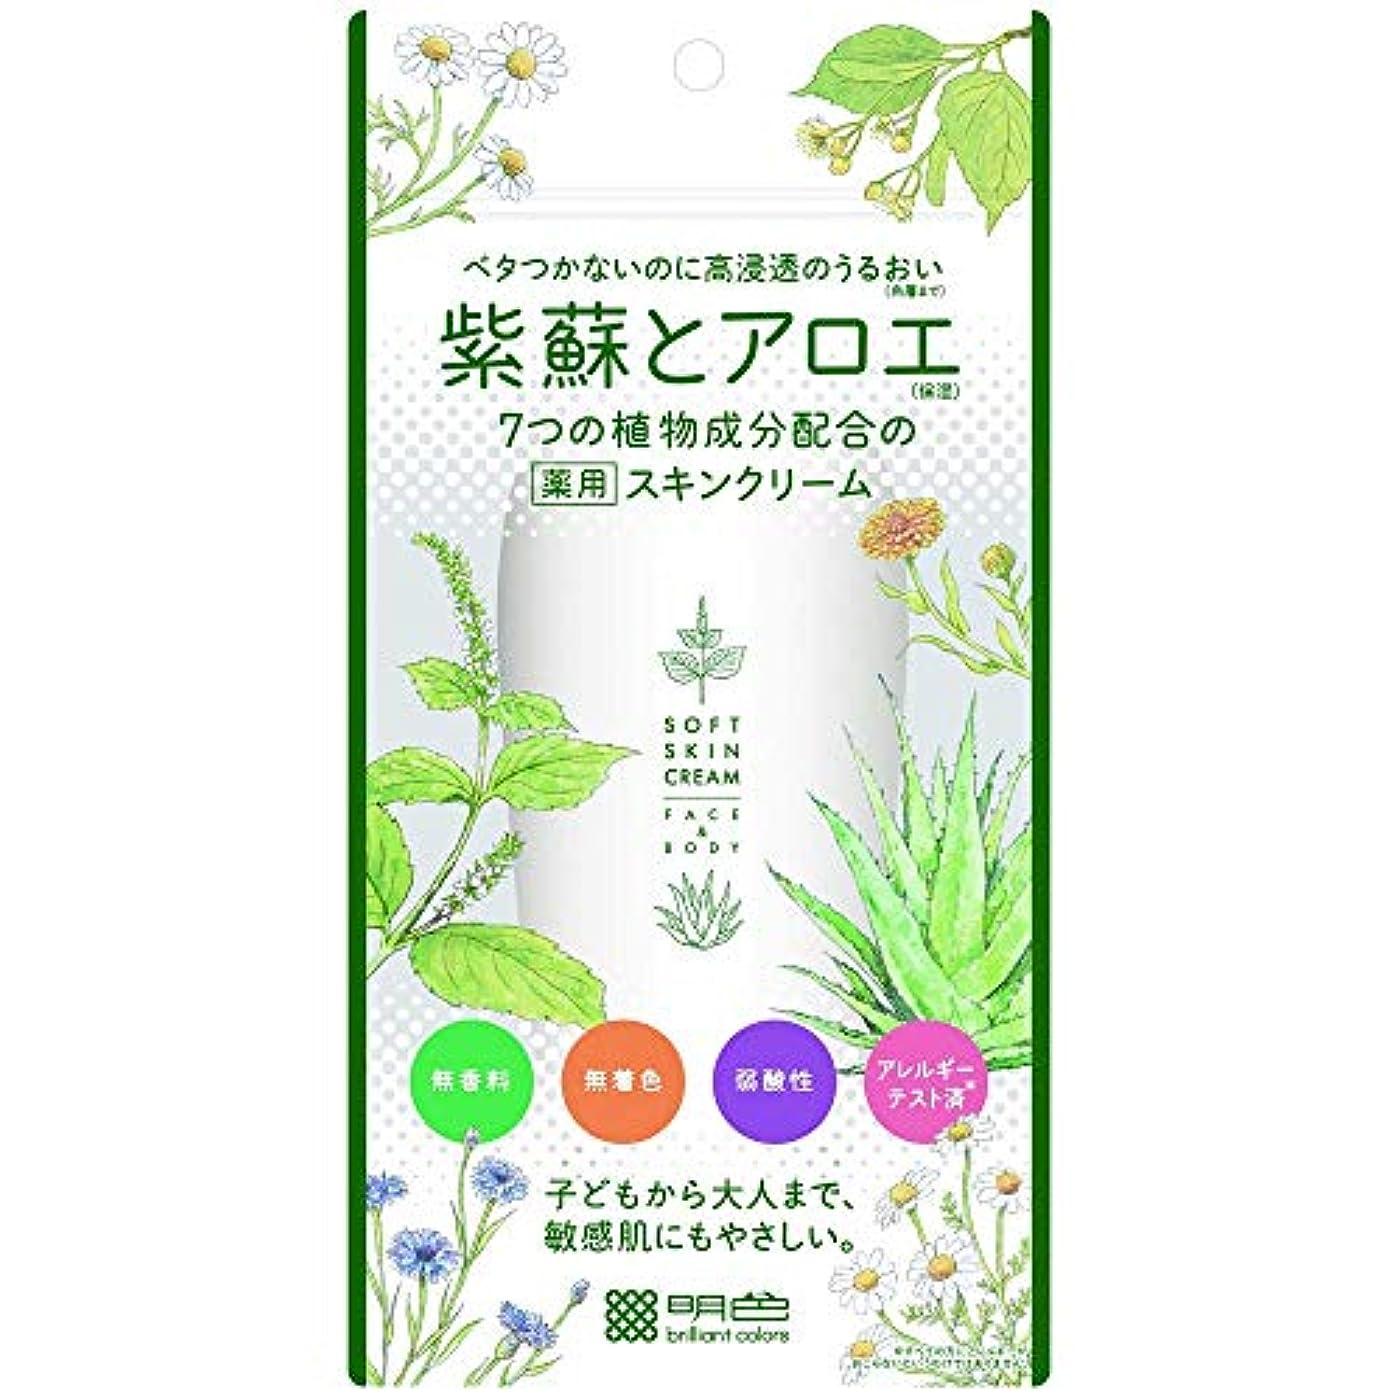 自慢ぎこちないカラス【2個セット】紫蘇とアロエ 薬用スキンクリーム 190g